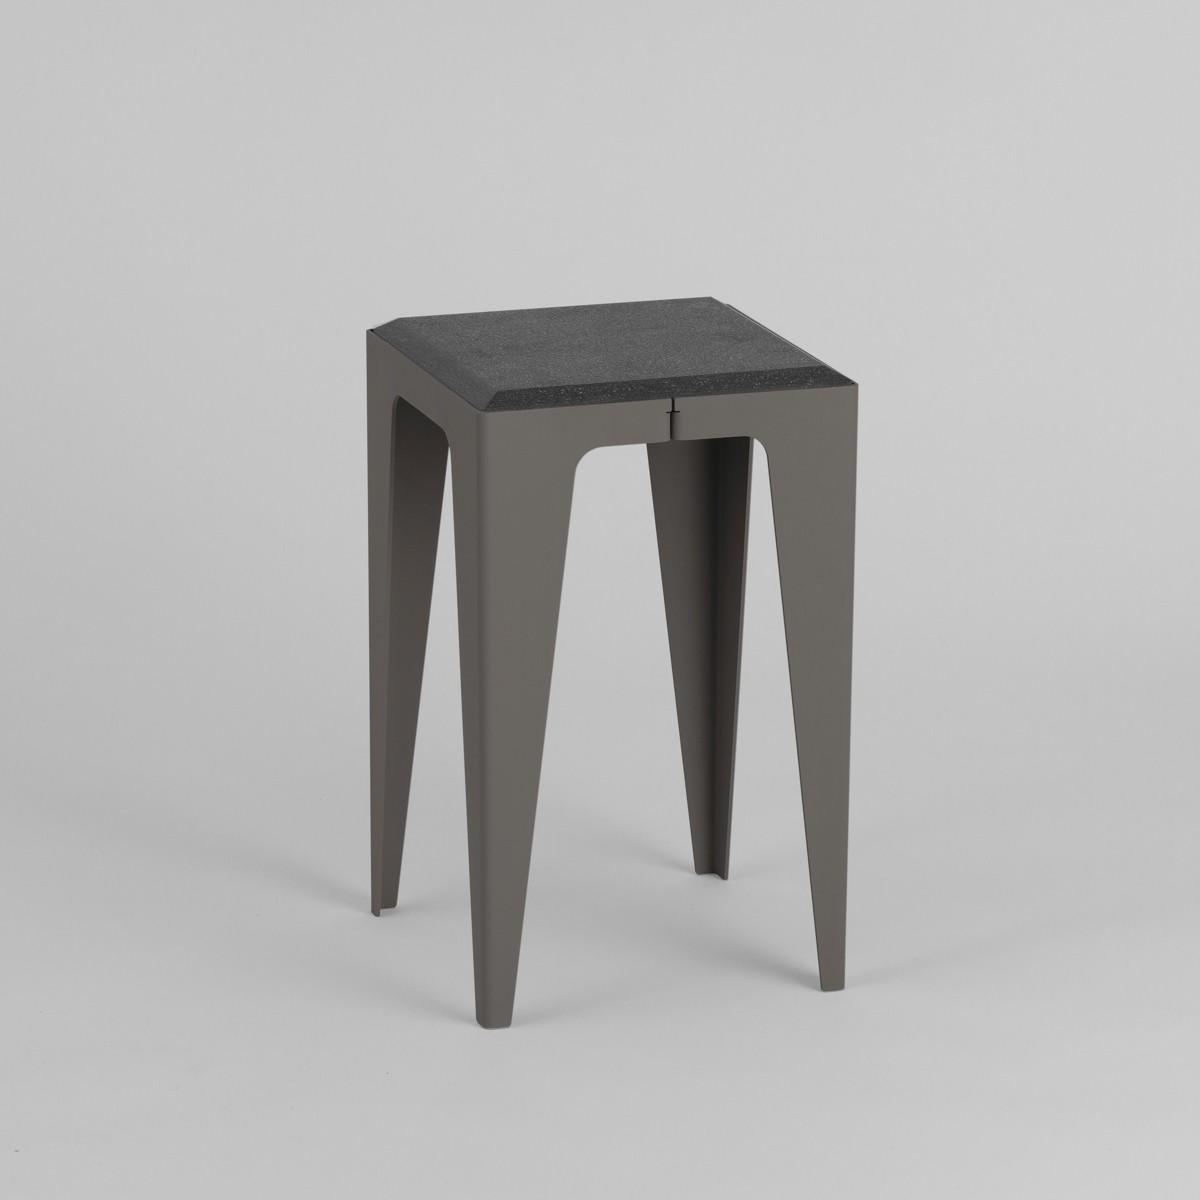 HOCKER |CHAMFER| Schiefer-Schwarz | nachhaltiges Möbeldesign | WYE